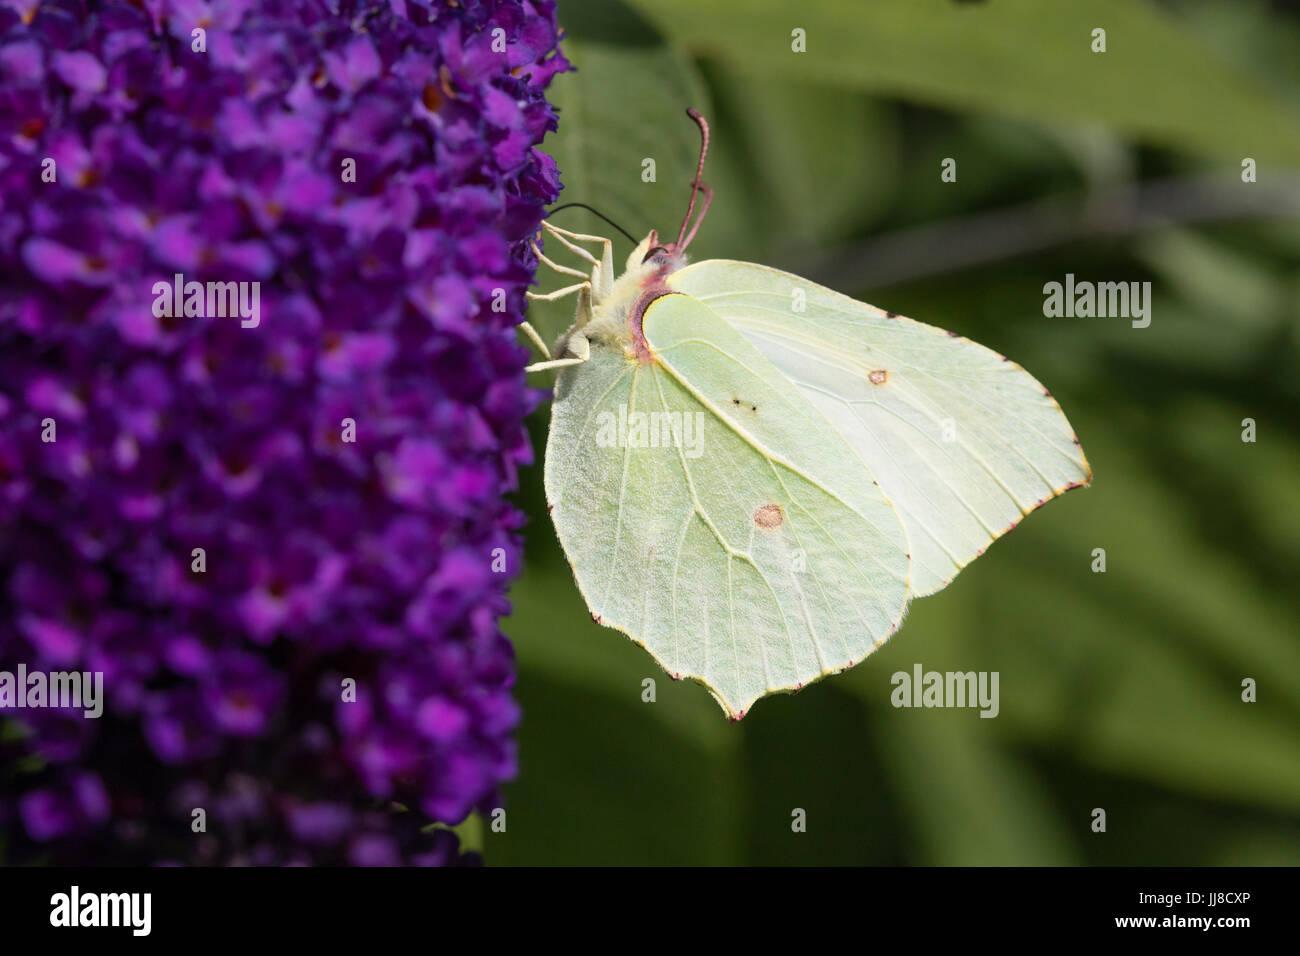 Femme papillon Brimstone Gonepteryx rhamni,, en se nourrissant de la panicule de fleurs de Buddleja davidii 'Lavender' Photo Stock